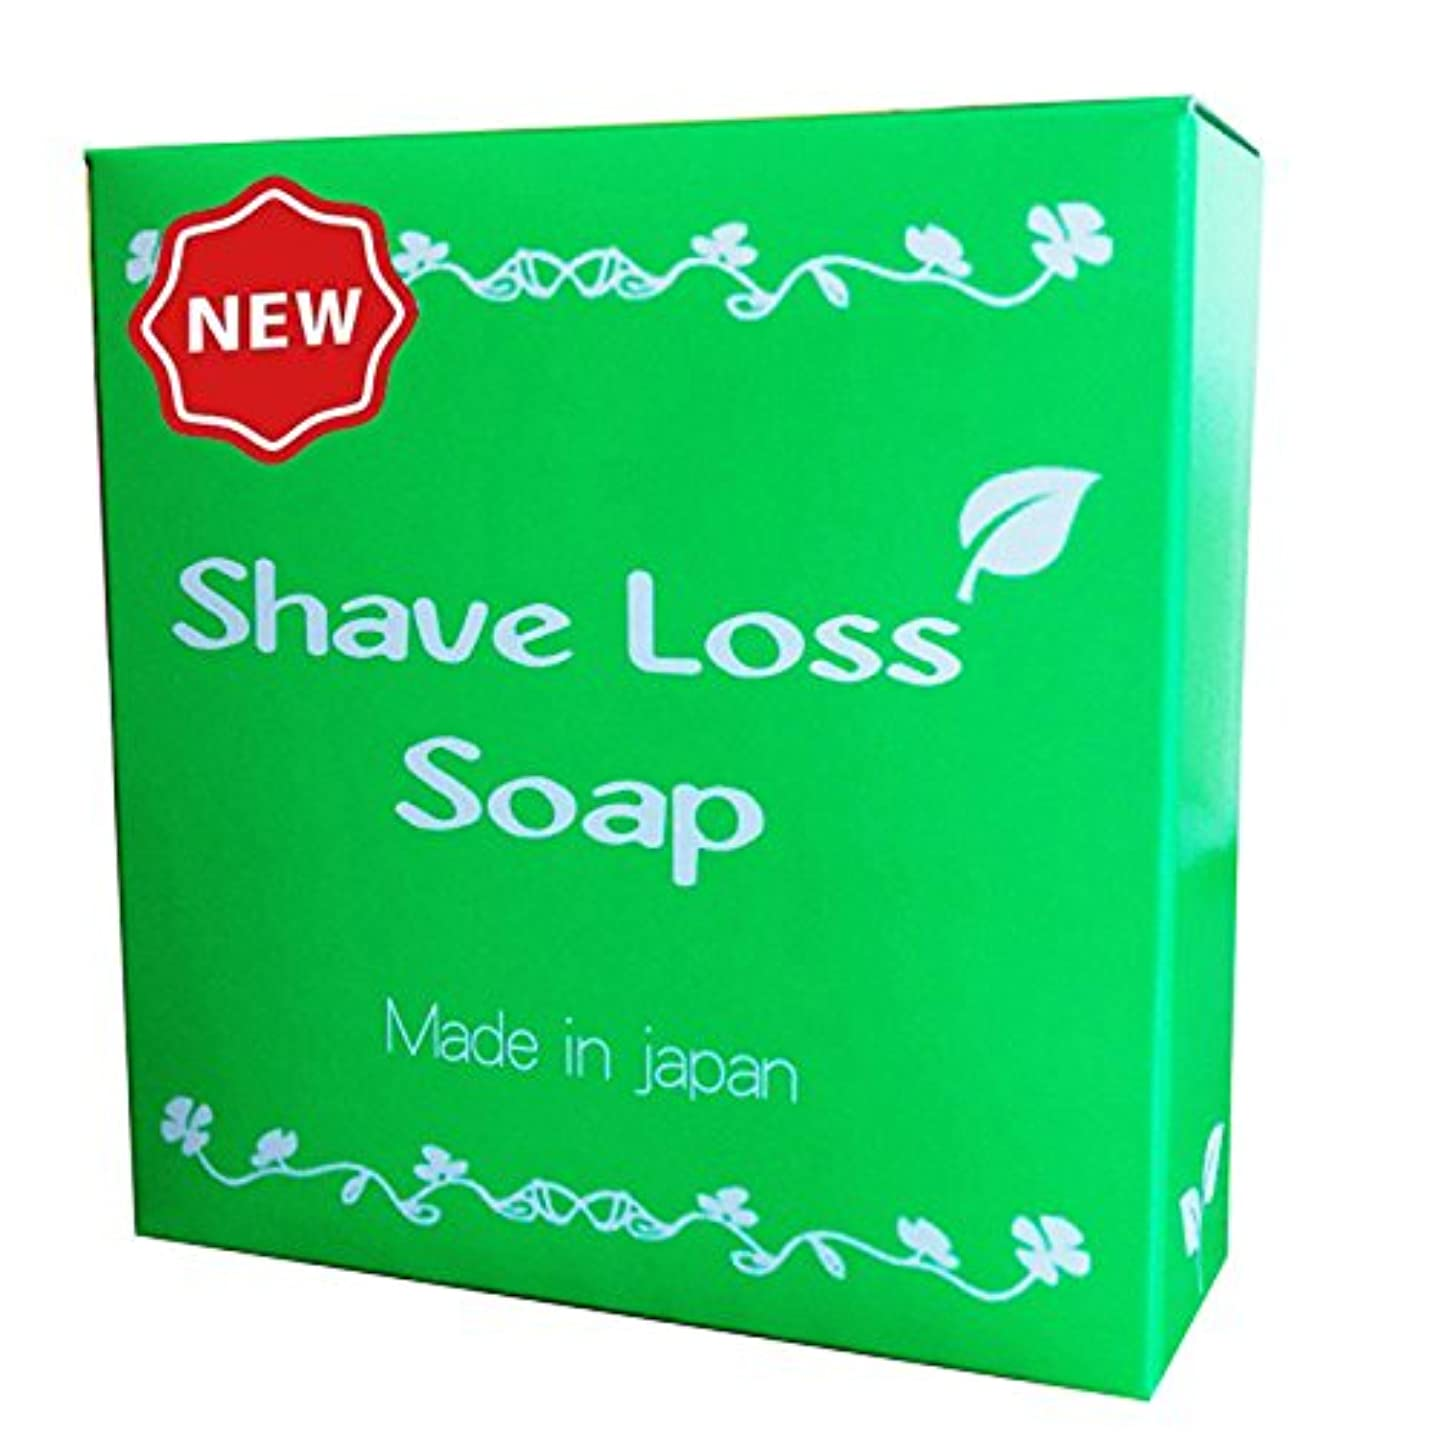 粘り強い姉妹化粧【NEW】Shave Loss Soap 女性のツルツルを叶える 奇跡の石鹸 80g 2018年最新版 「ダイズ種子エキス」 「ラレアディバリカタエキス」大幅増量タイプ